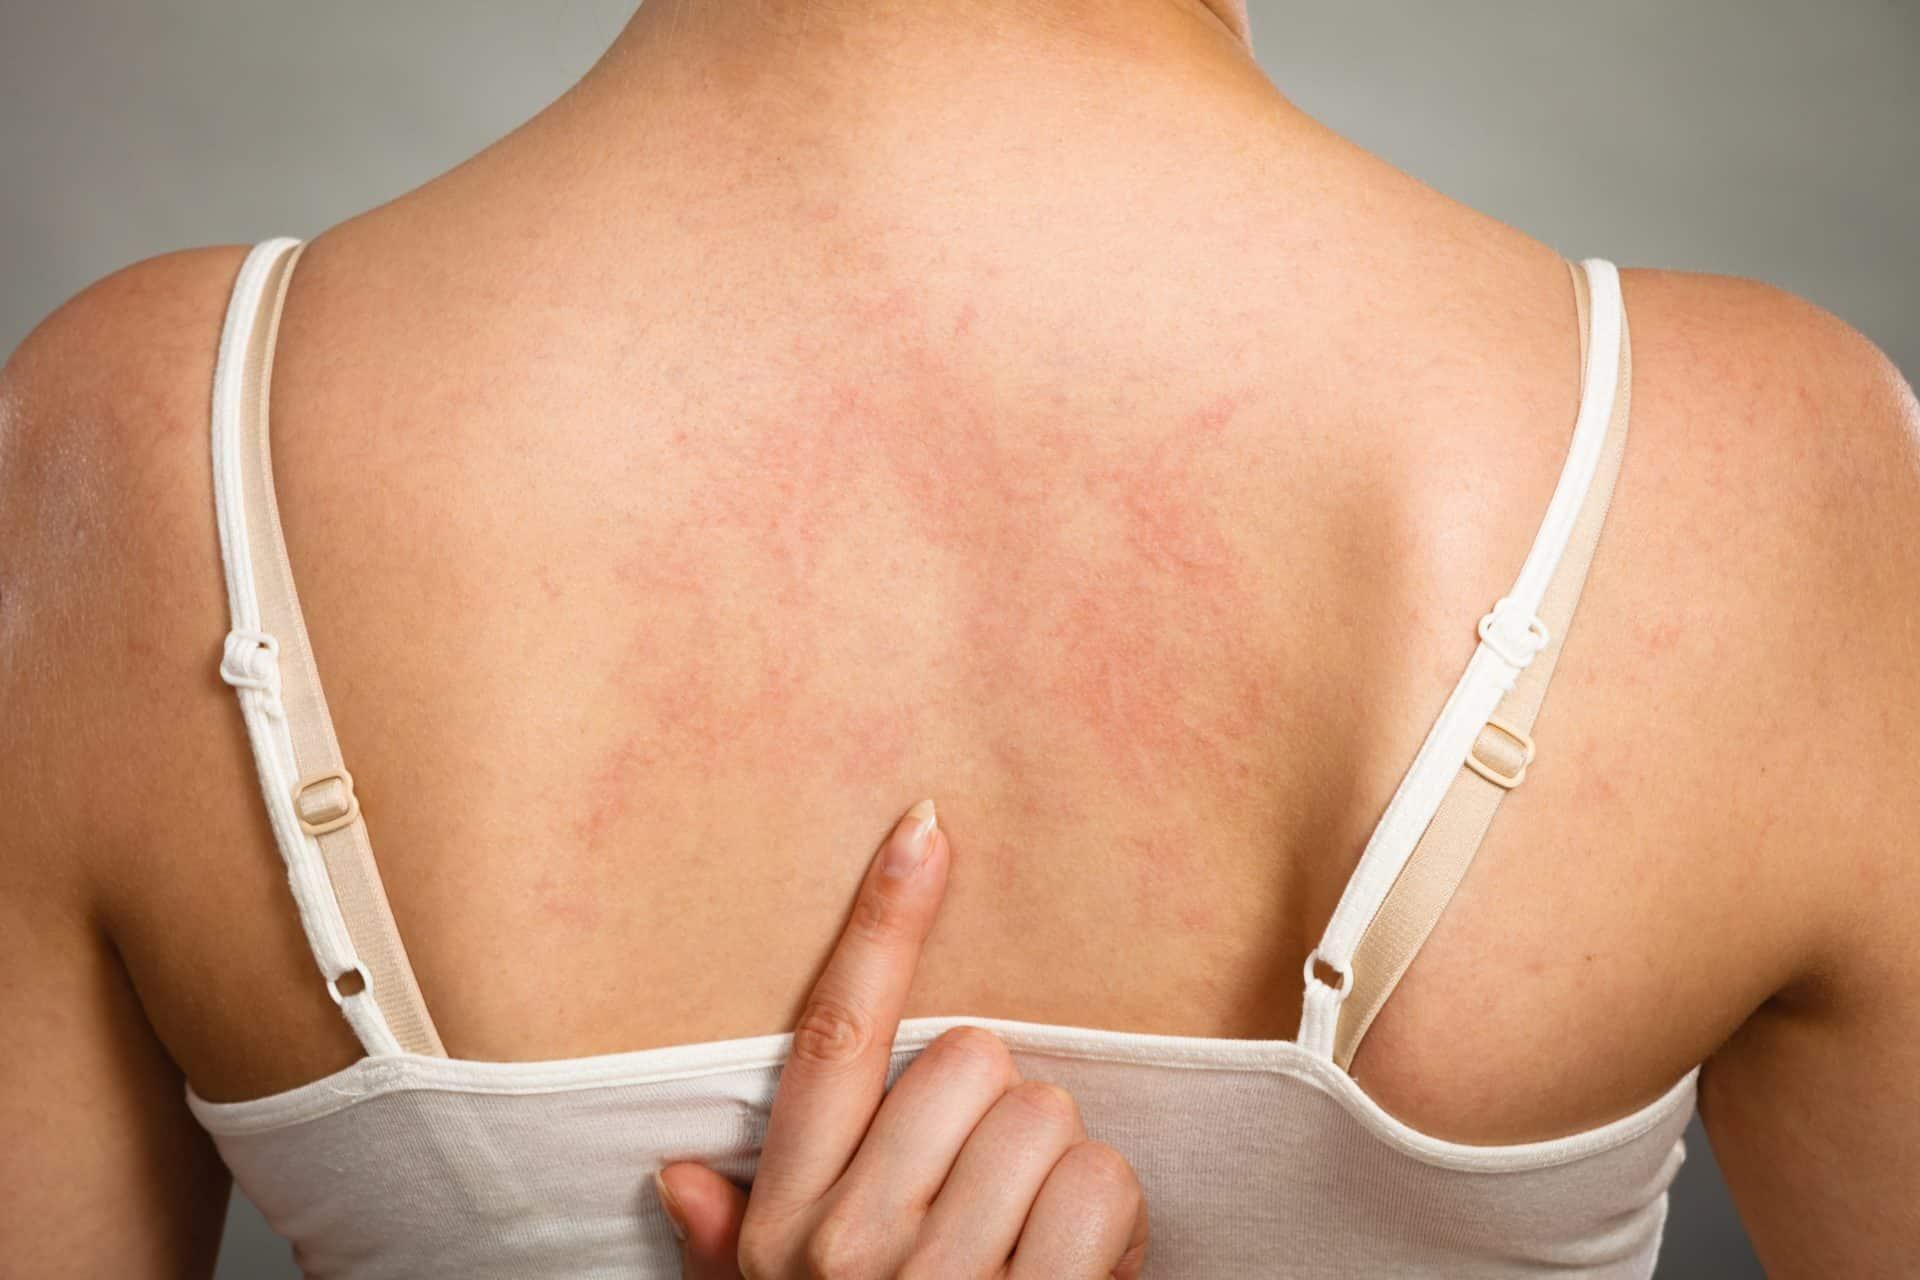 Аллергия на коже: 85 фото как выглядит аллергия и обзор основных ее проявлений